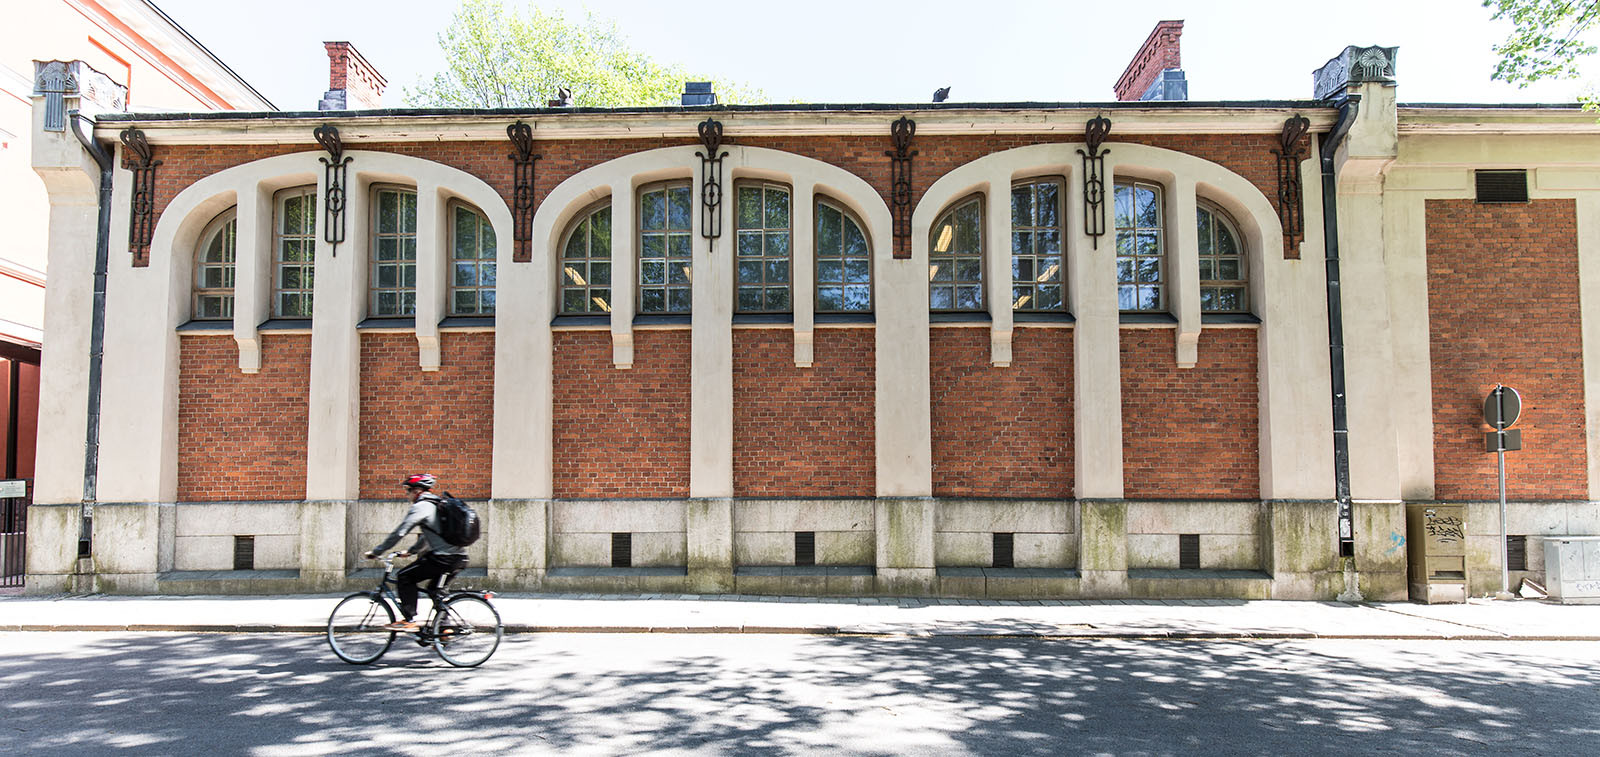 Katedralskolans gymnastiksal. Foto: Heikki Räisänen